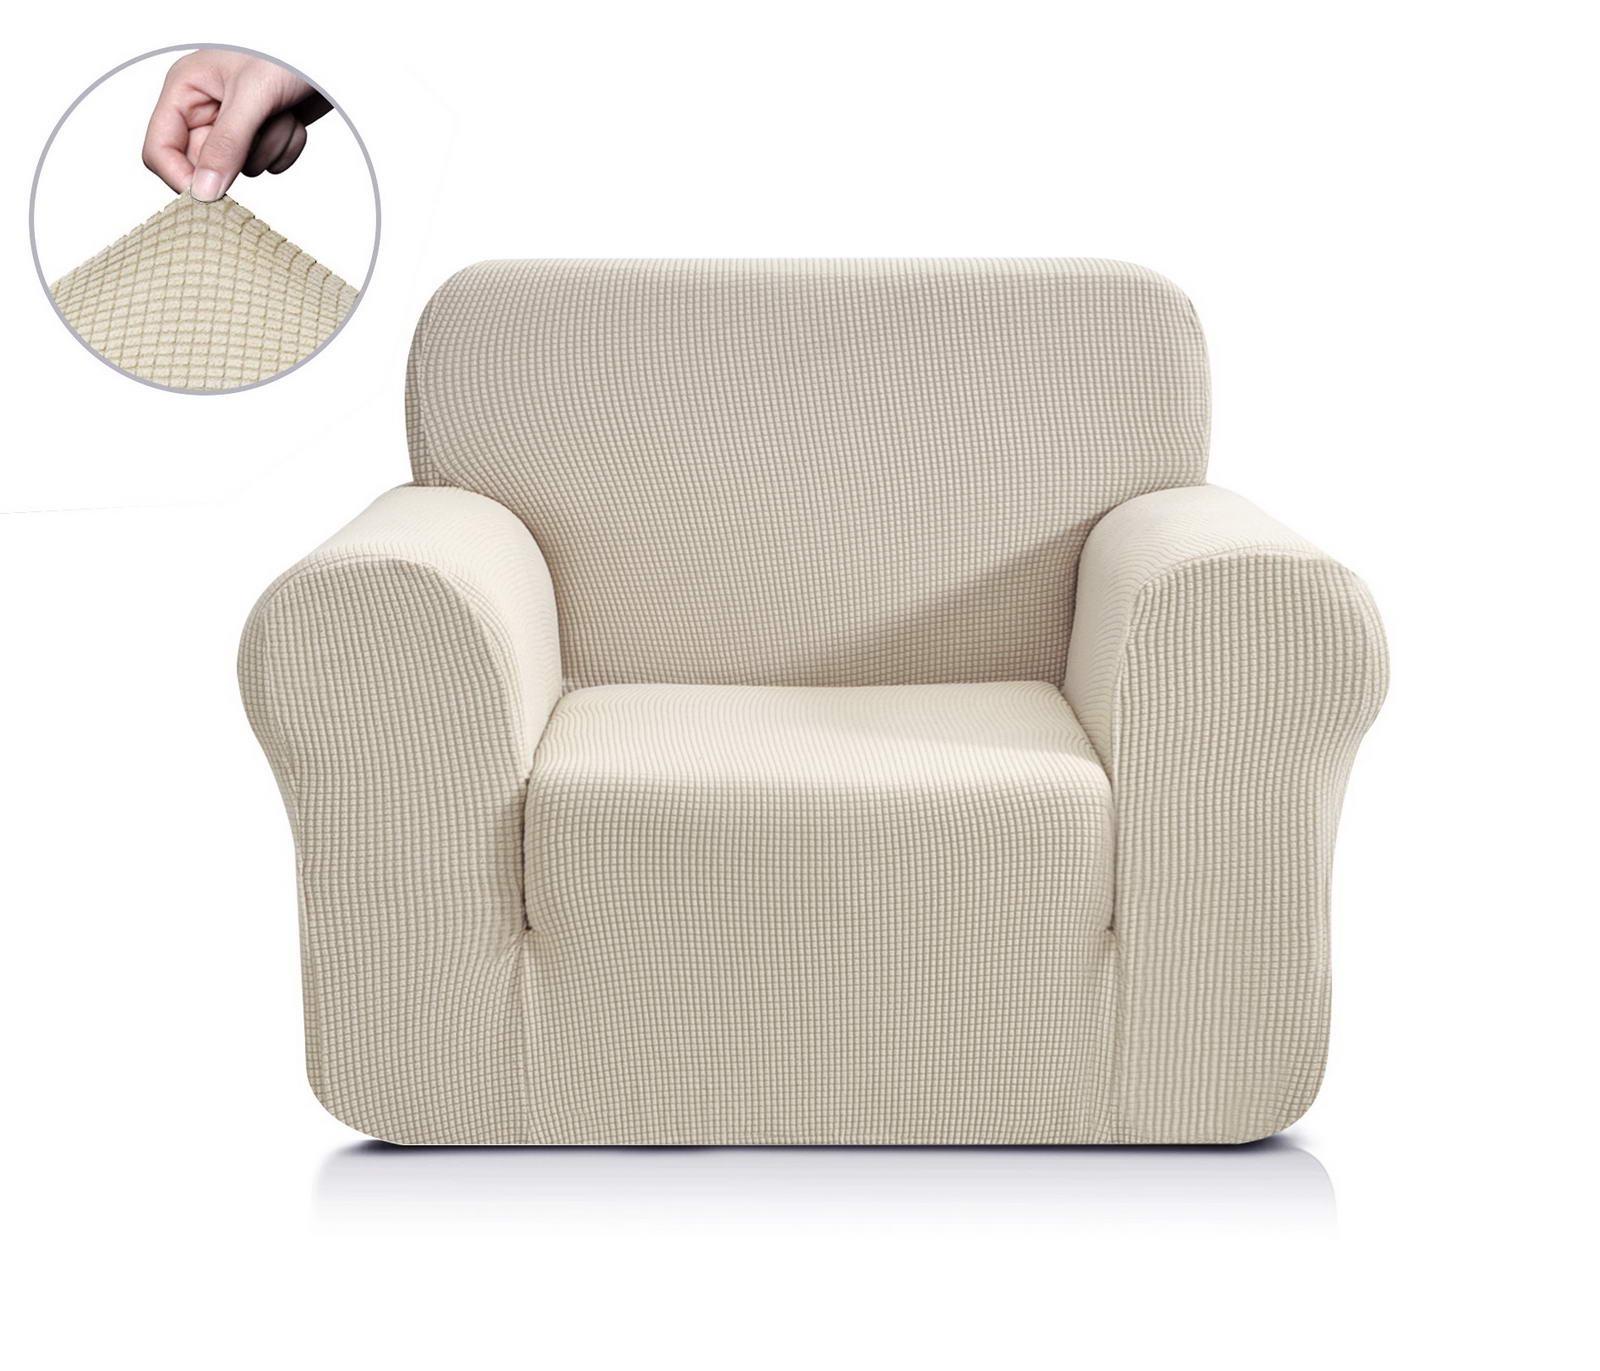 Чехол на кресло Sofi de Marko Моника, Див-3м-р1, молочныйДив-3м-р1Дивандек на кресло Растяжимость: от 60 до 100 см Состав - 95% полиэстер и 5% спандекс Упаковка Сумка ПВХ Уход - 30с°